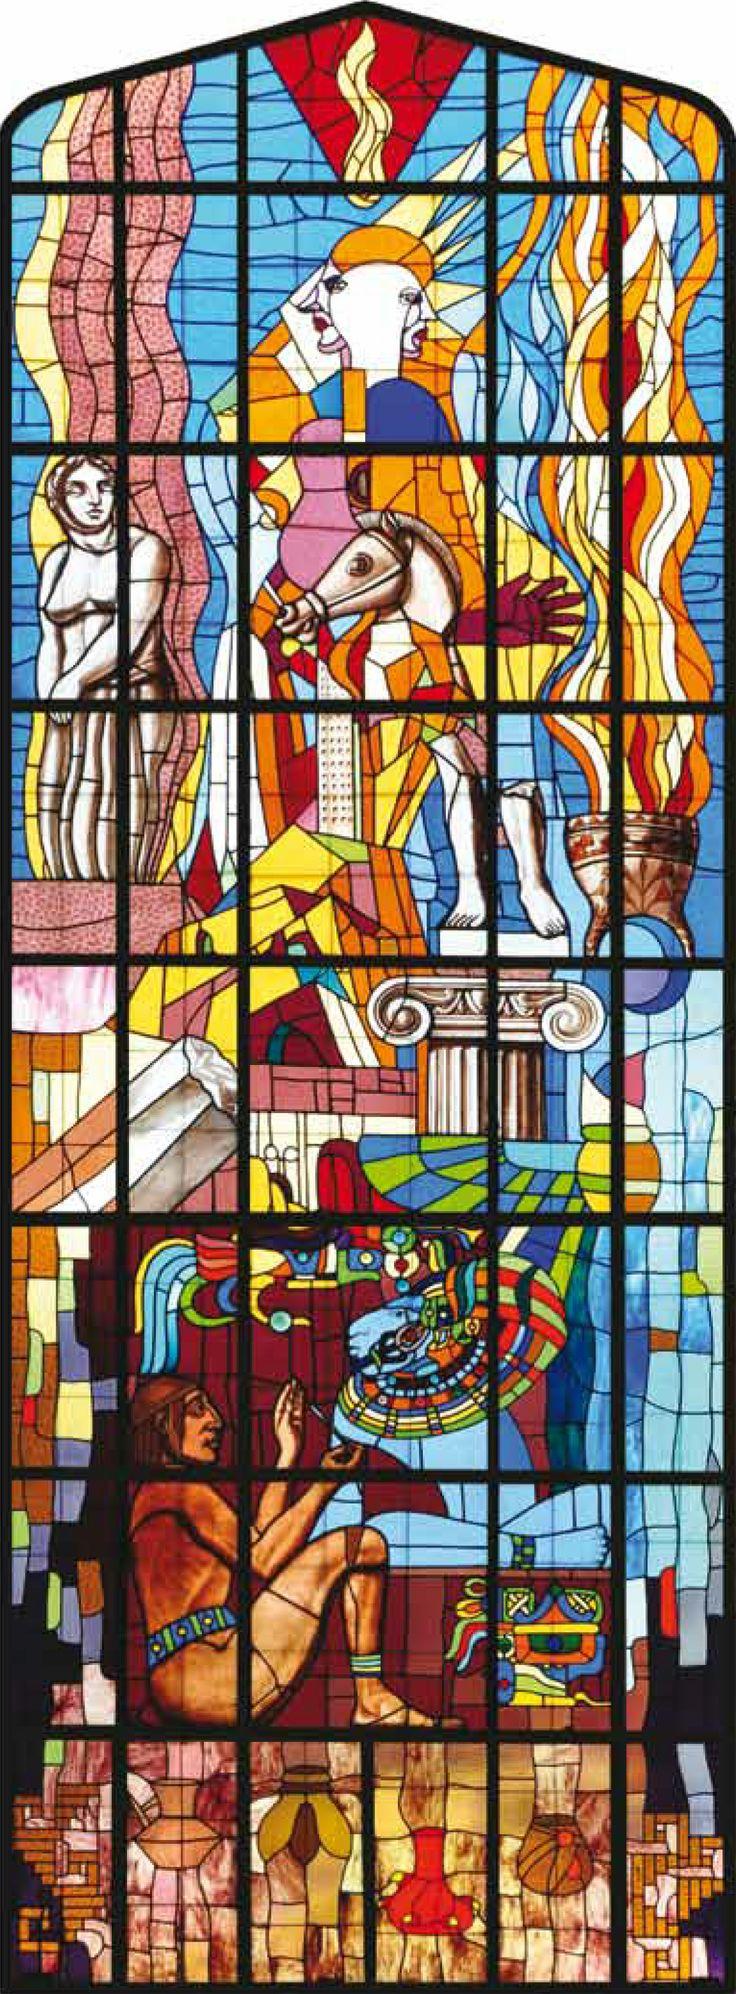 """Las Artes, vitral. Autor: Roberto Montenegro. 1933-1934. Ubicación: Aula Magna """"Fray Servando Teresa de Mier"""", Colegio Civil Centro Cultural Universitario."""